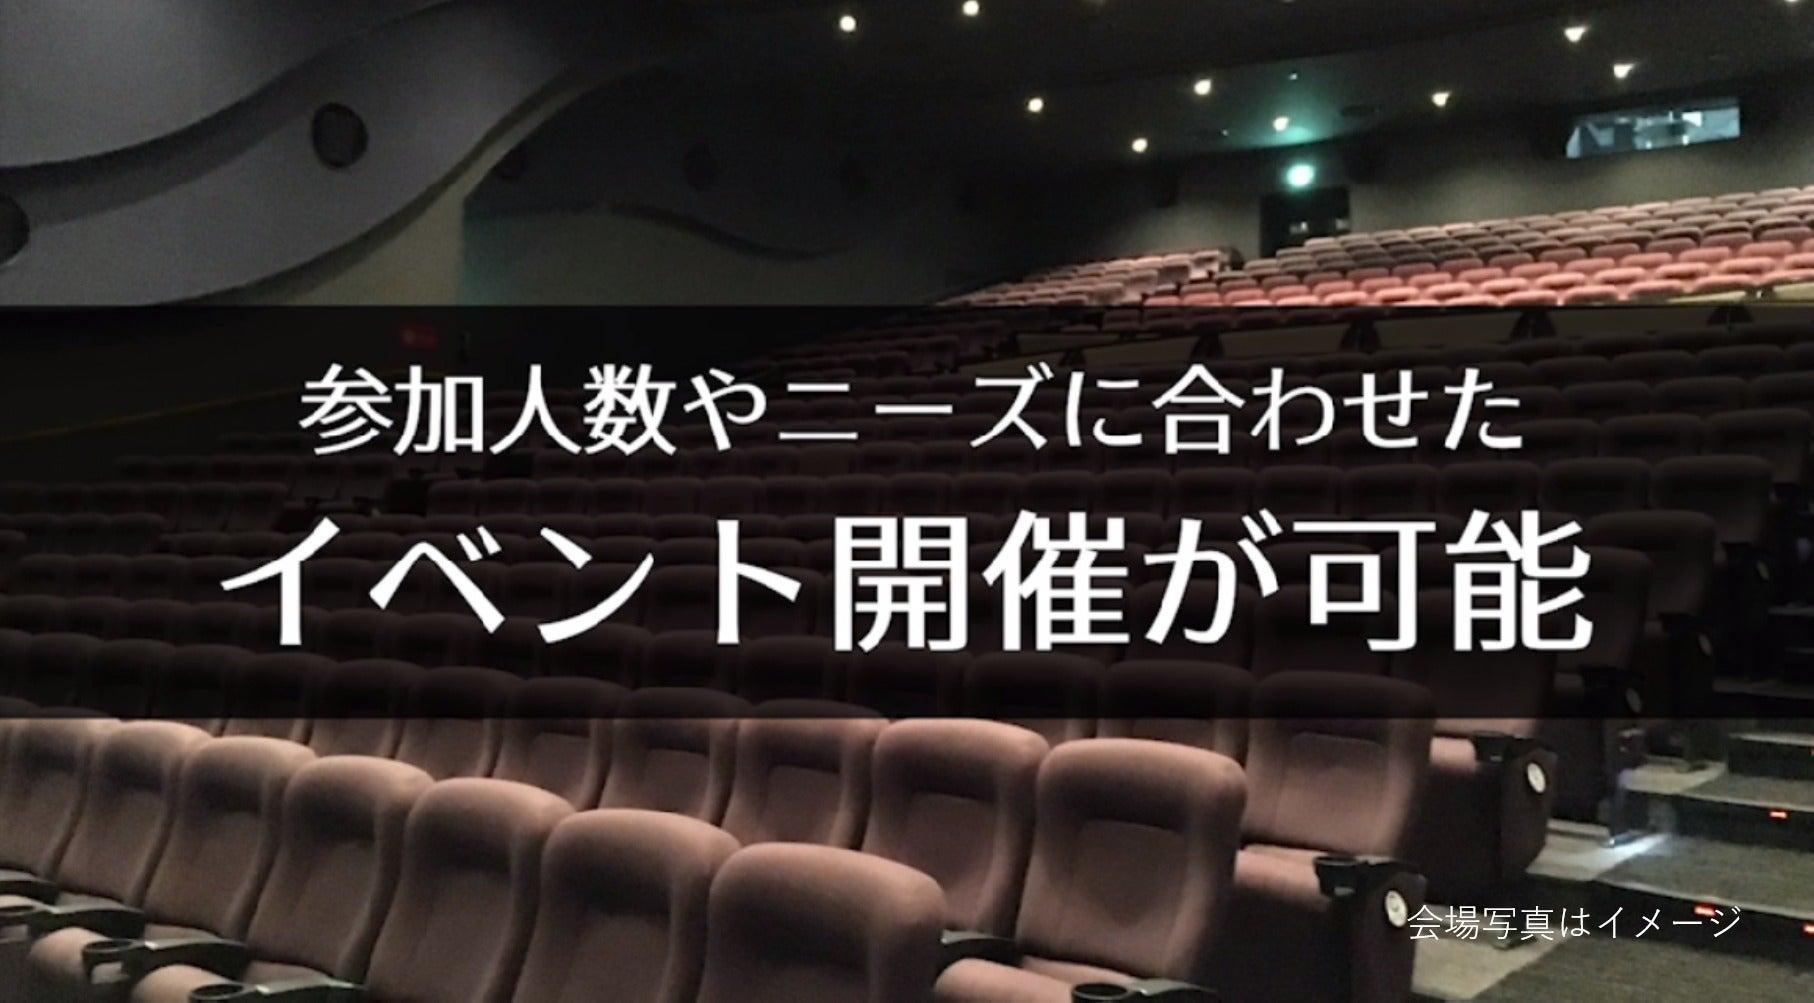 【幸手 265席】映画館で、会社説明会、株主総会、講演会の企画はいかがですか?